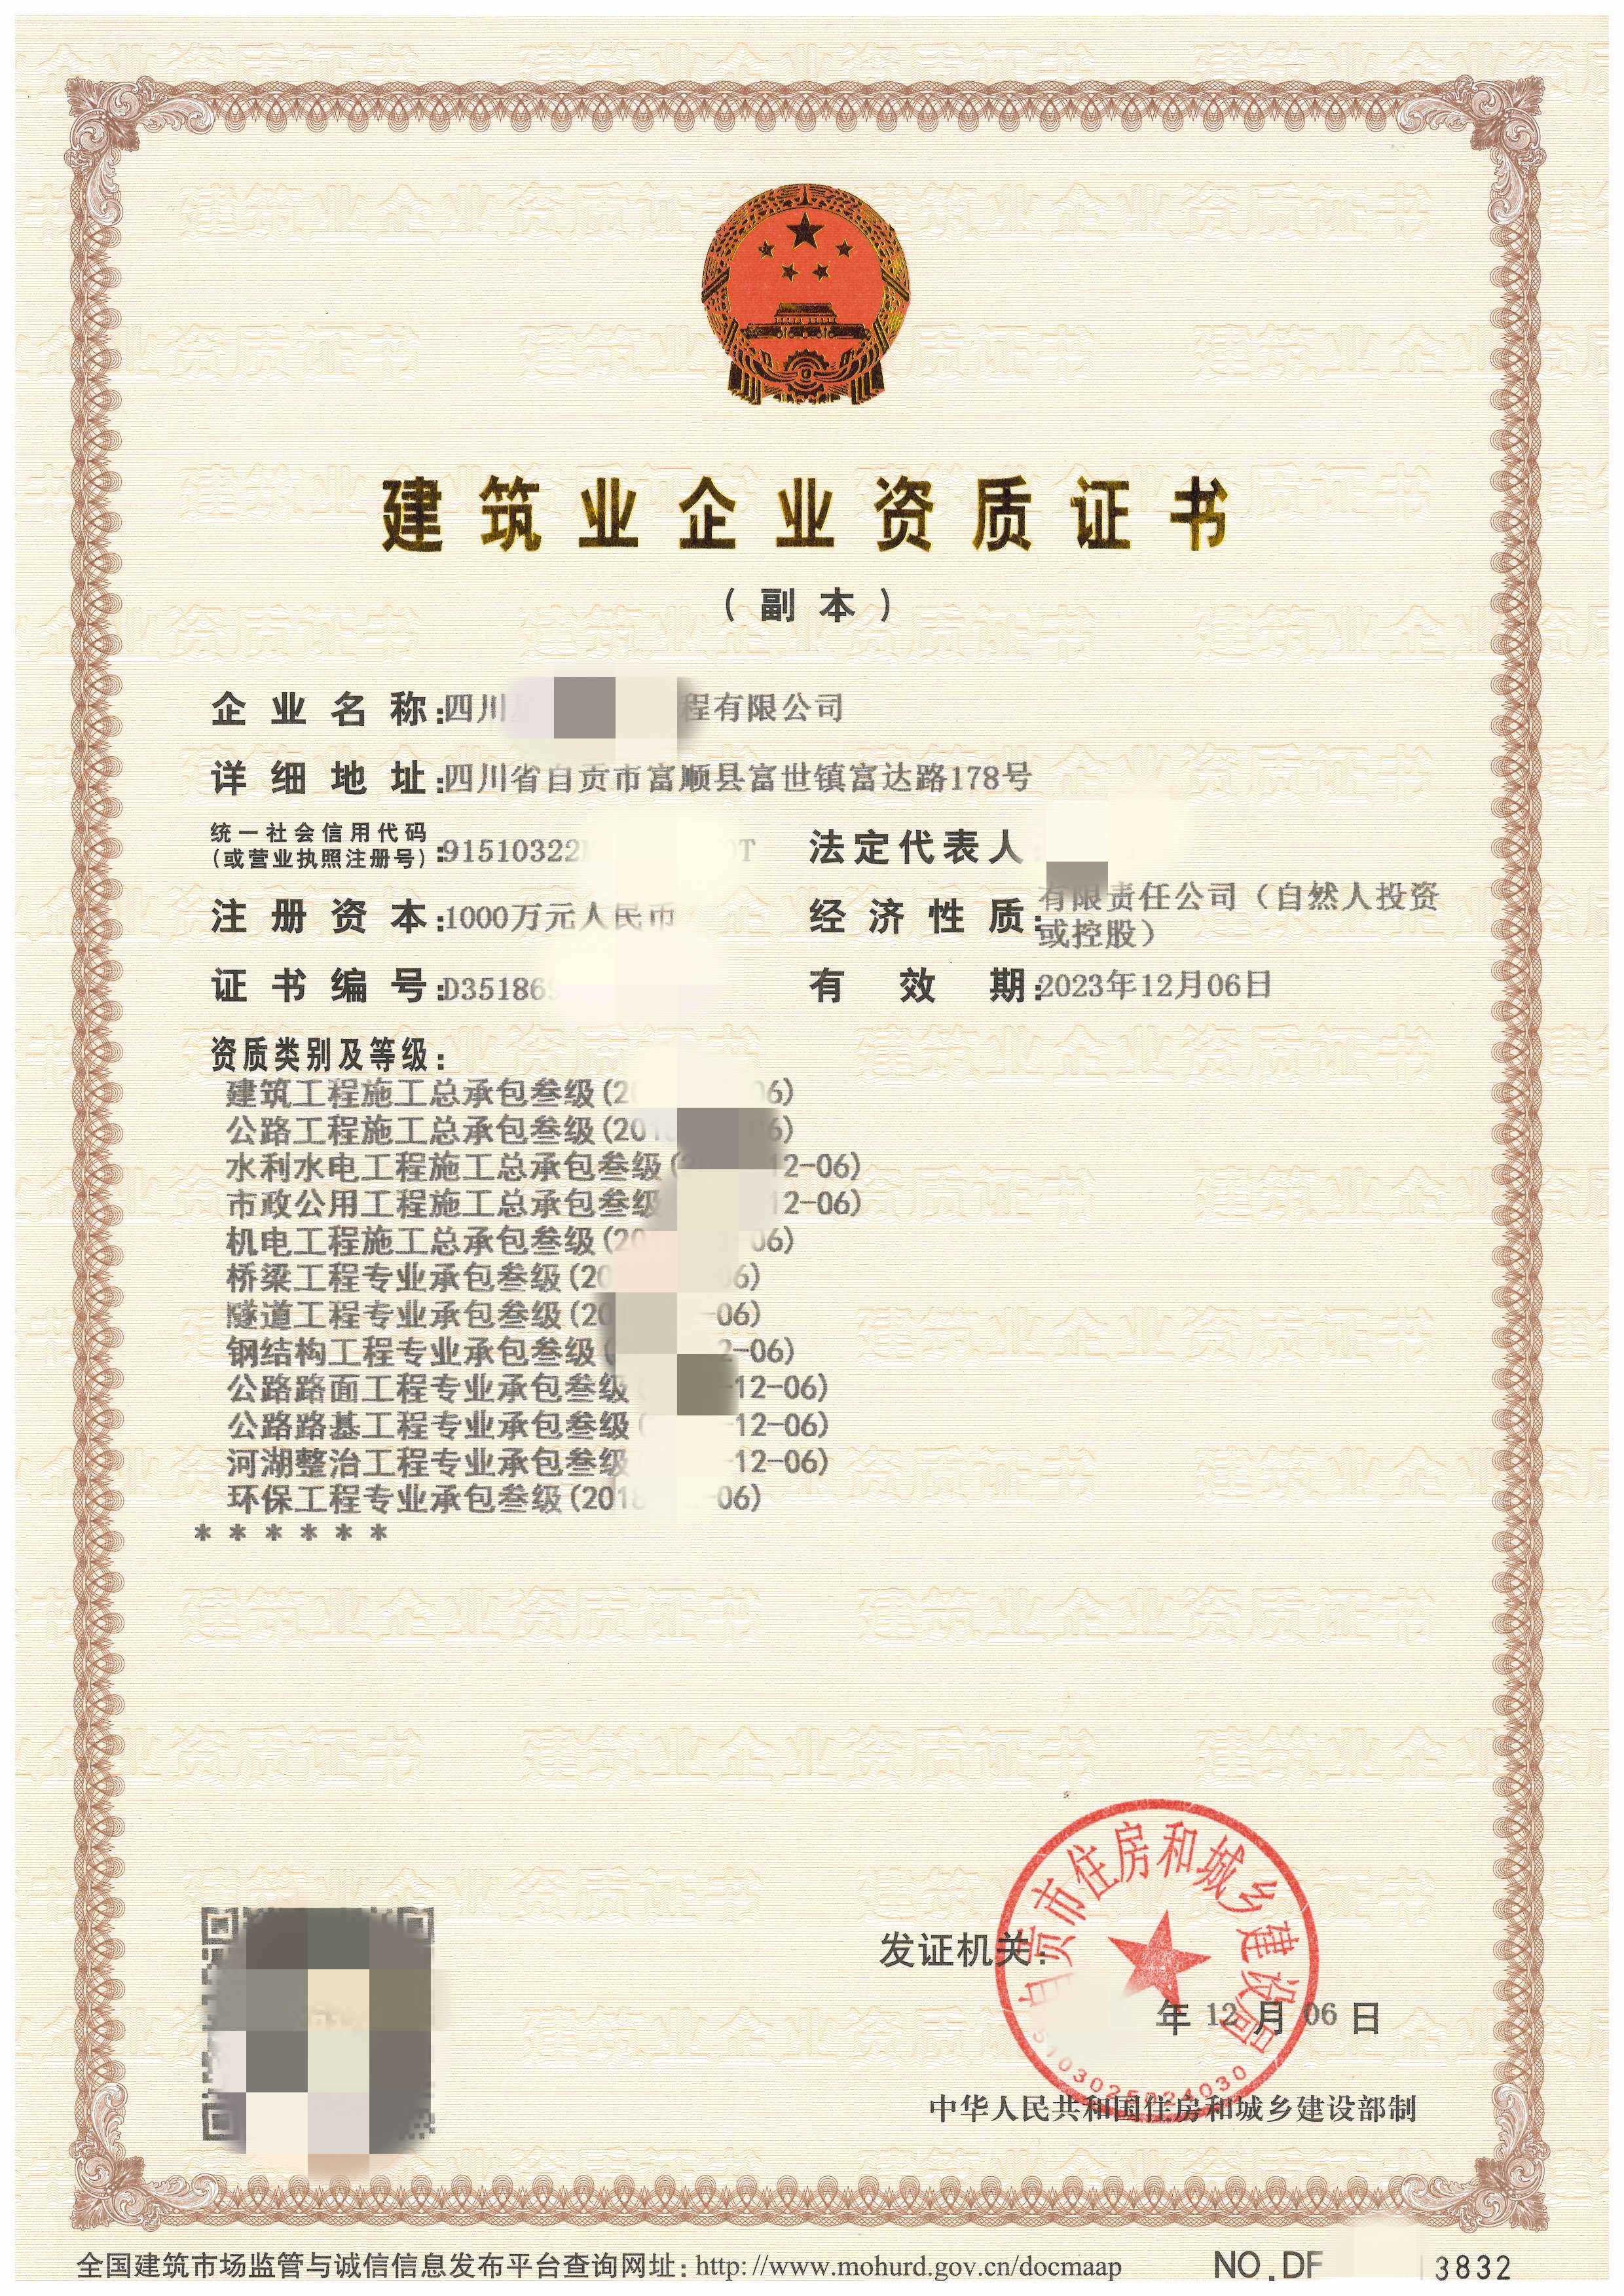 市政公用工程施工总承包一级资质证书